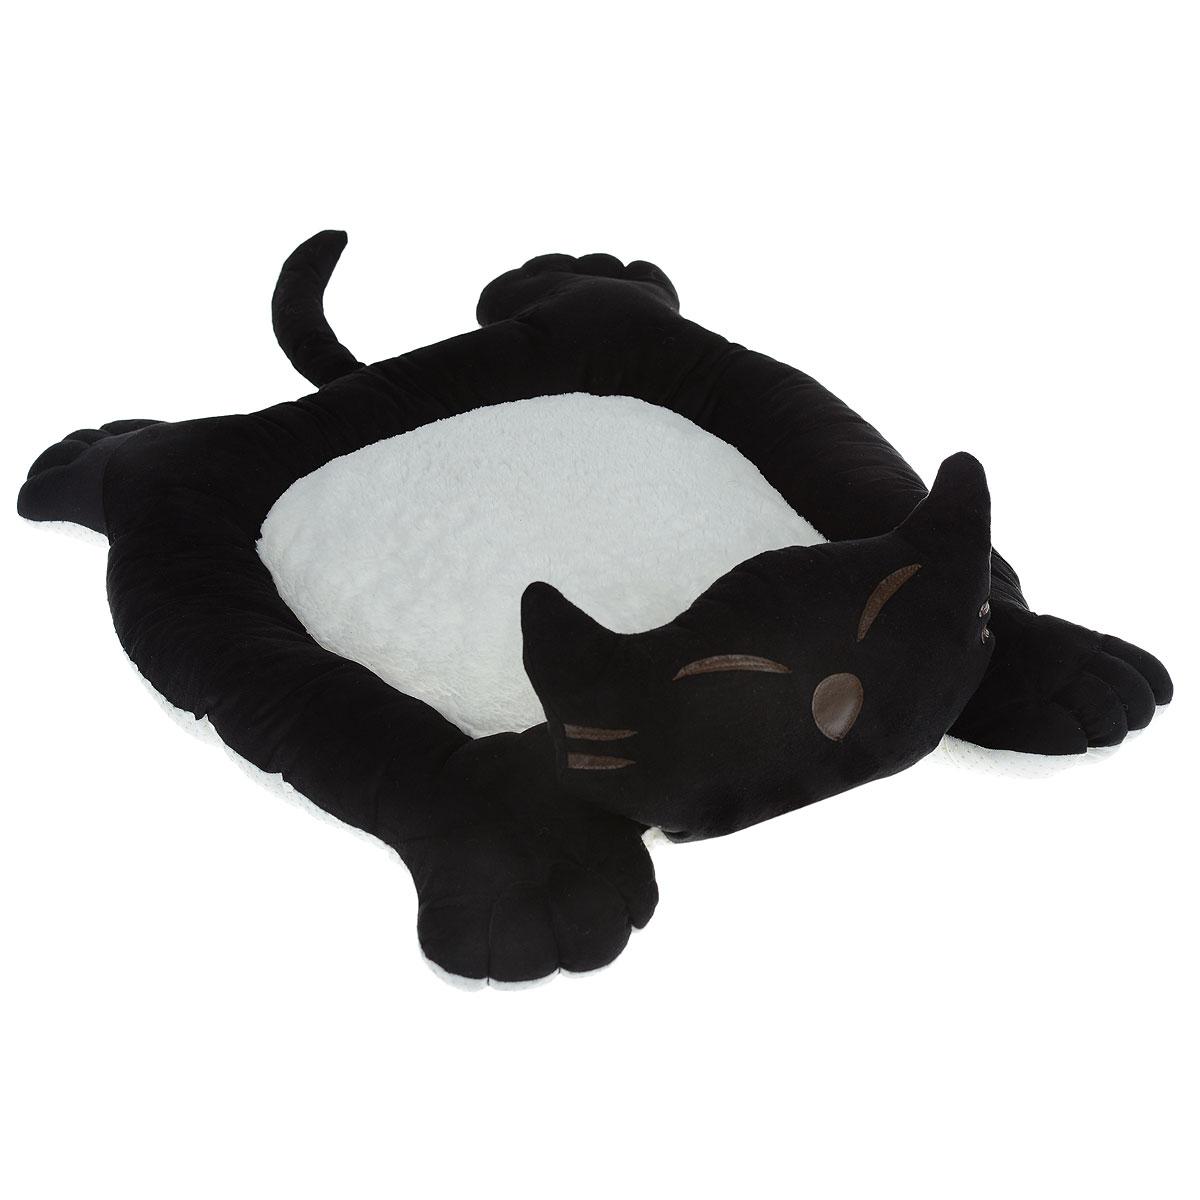 Лежак для собак и кошек I.P.T.S. Sylvester, цвет: черный, белый, 56 см х 44 см х 14,5 см19208_черный/белыйМягкий и уютный лежак для кошек и собак I.P.T.S. Sylvester обязательно понравится вашему питомцу. Лежак выполнен в виде кота. Он изготовлен из нежного, приятного материала. Внутри - мягкий наполнитель, который не теряет своей формы долгое время.Мягкий, приятный и теплый лежак обеспечит вашему любимцу уют и комфорт. Подходит как для кошек, так и для маленьких, карликовых пород собак.За изделием легко ухаживать, можно стирать вручную или в стиральной машине при температуре 30°С. Материал бортиков: искусственная замша.Материал матрасика: плюш.Наполнитель: полифибер.Товар сертифицирован.